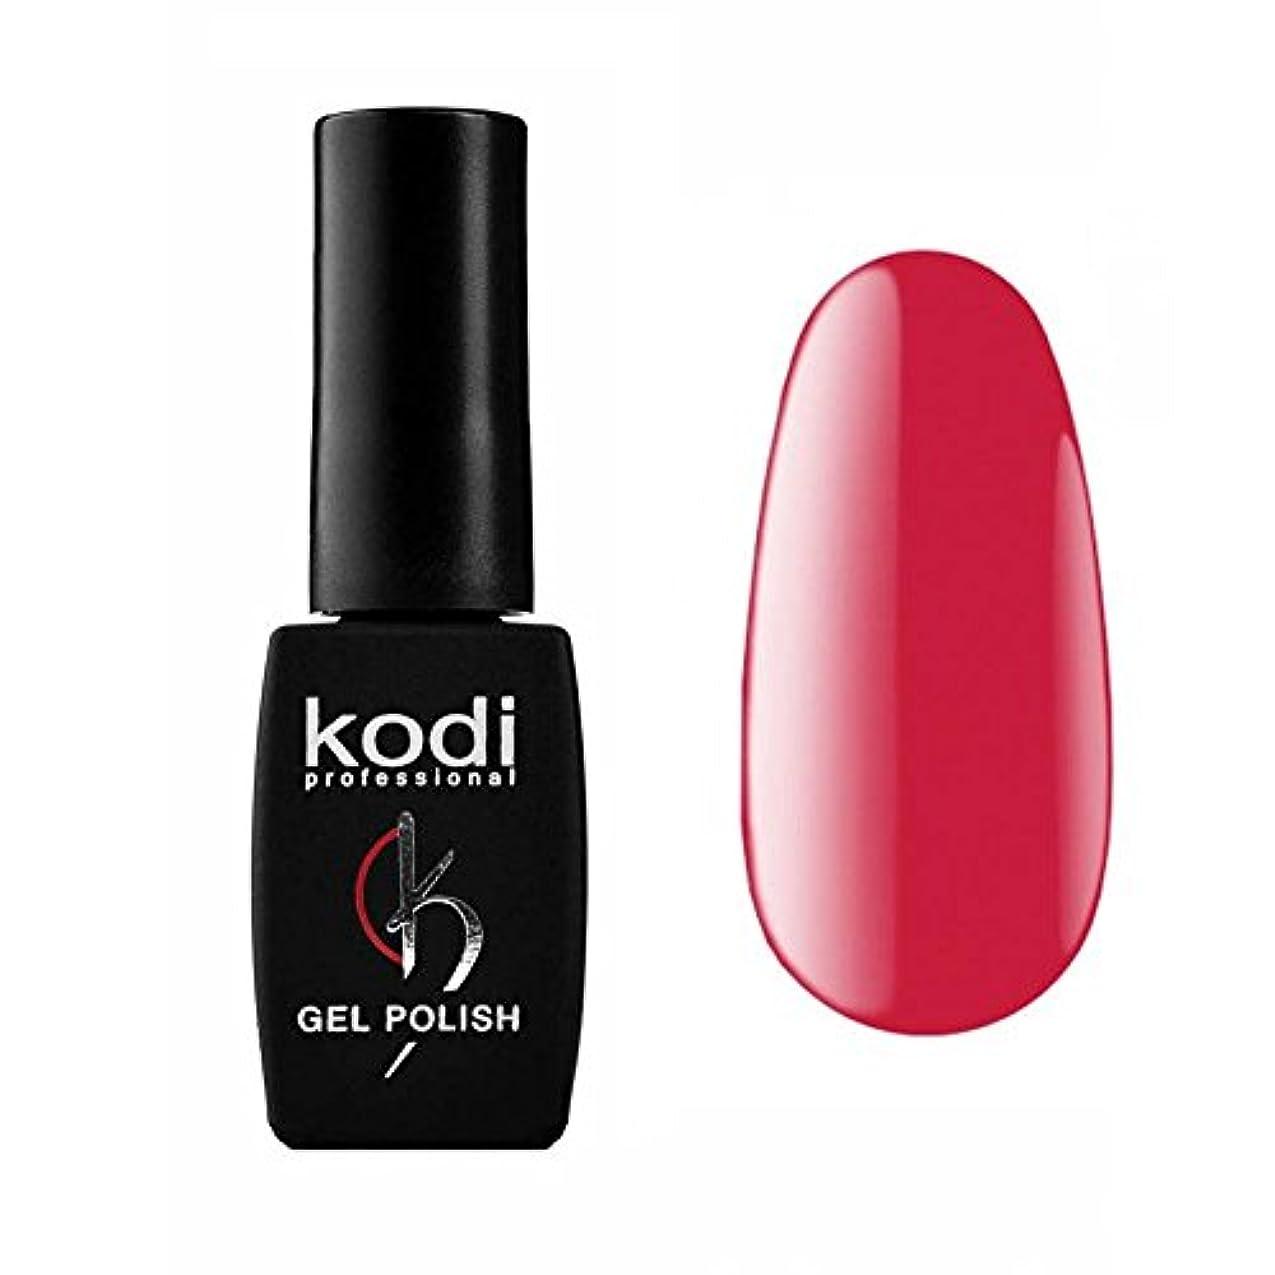 死んでいるミニ請うKodi Professional New Collection P Pink #120 Color Gel Nail Polish 12ml 0.42 Fl Oz LED UV Genuine Soak Off